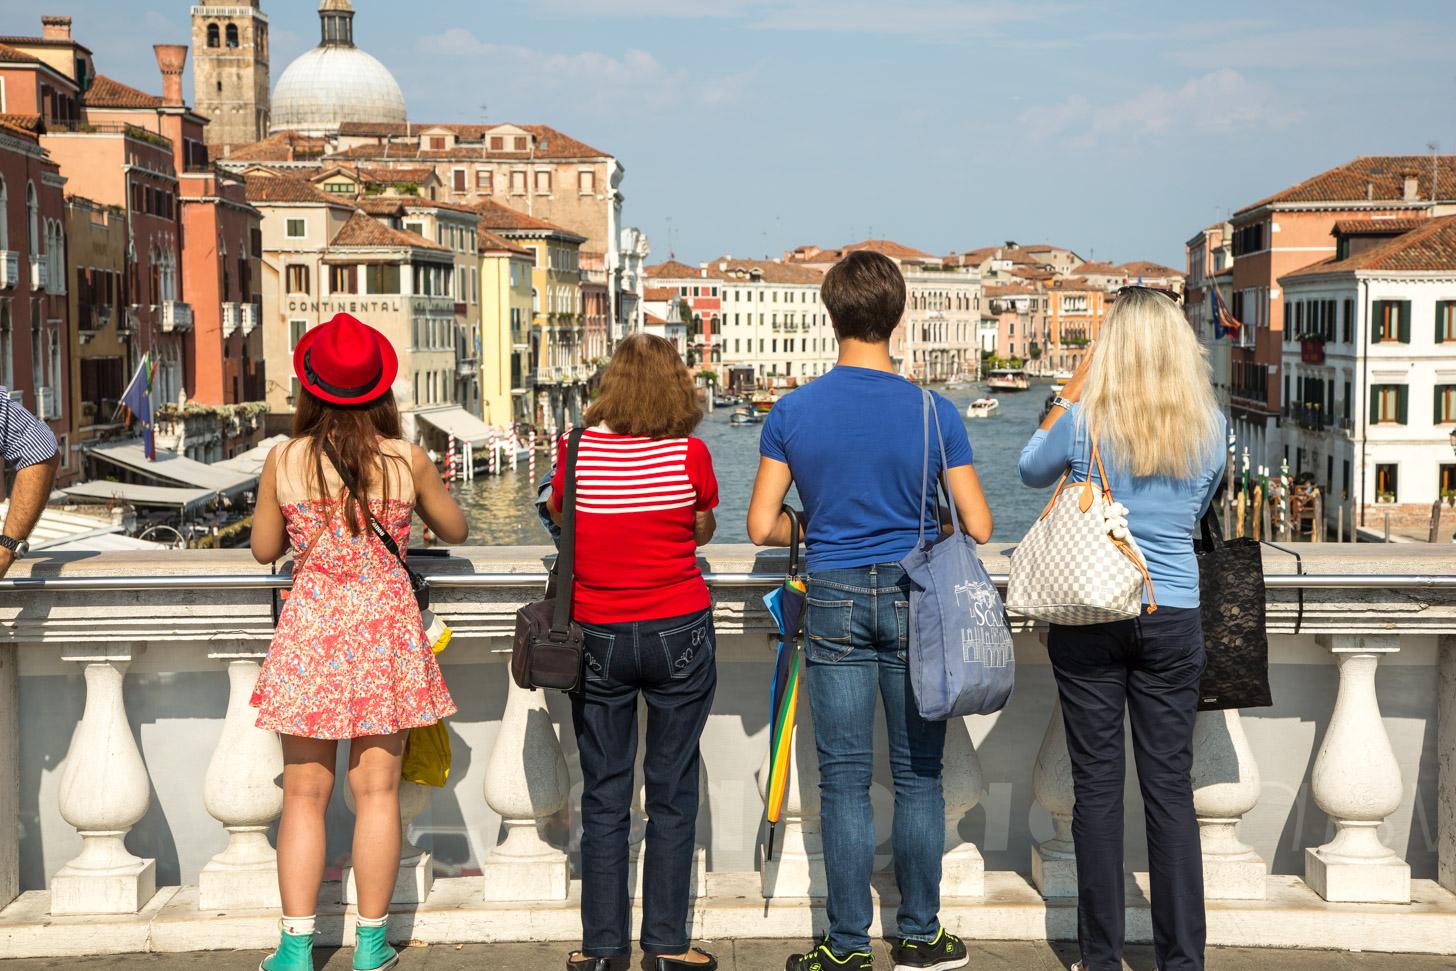 Toeristen kijken uit over het Canal Grande in Venetië